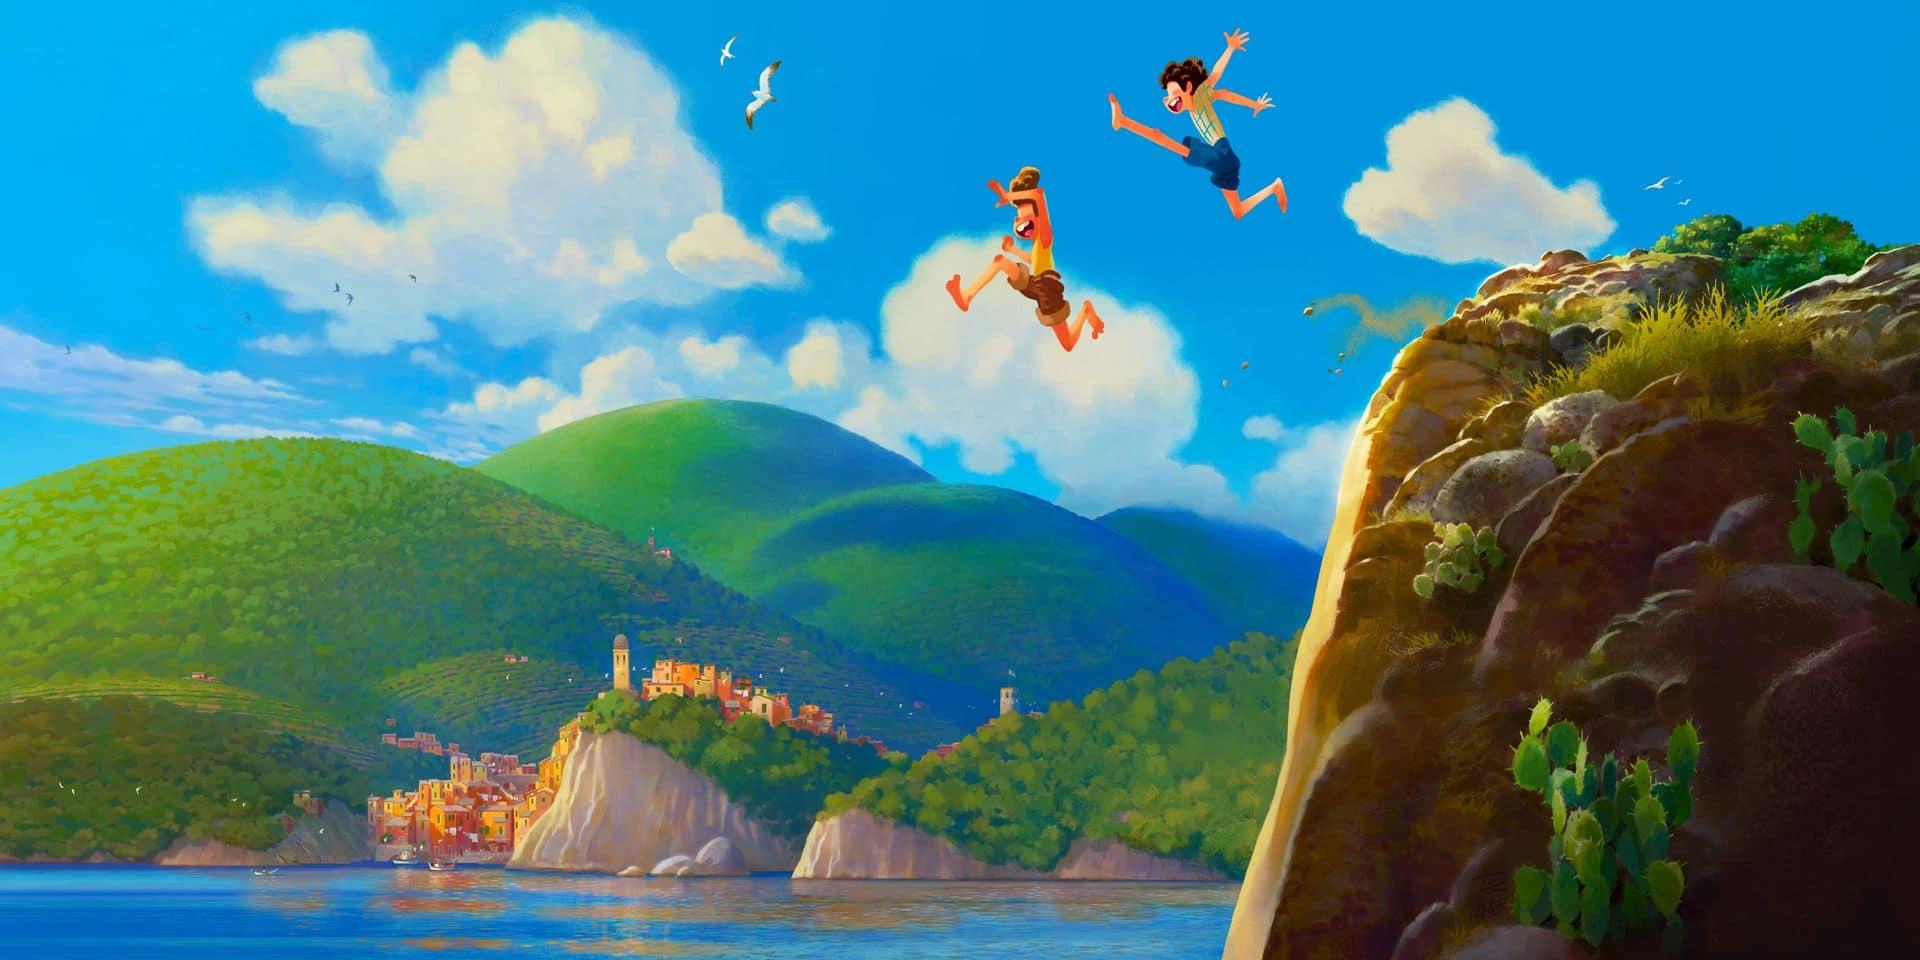 """Luca, le """"monstrueux"""" nouveau Pixar"""